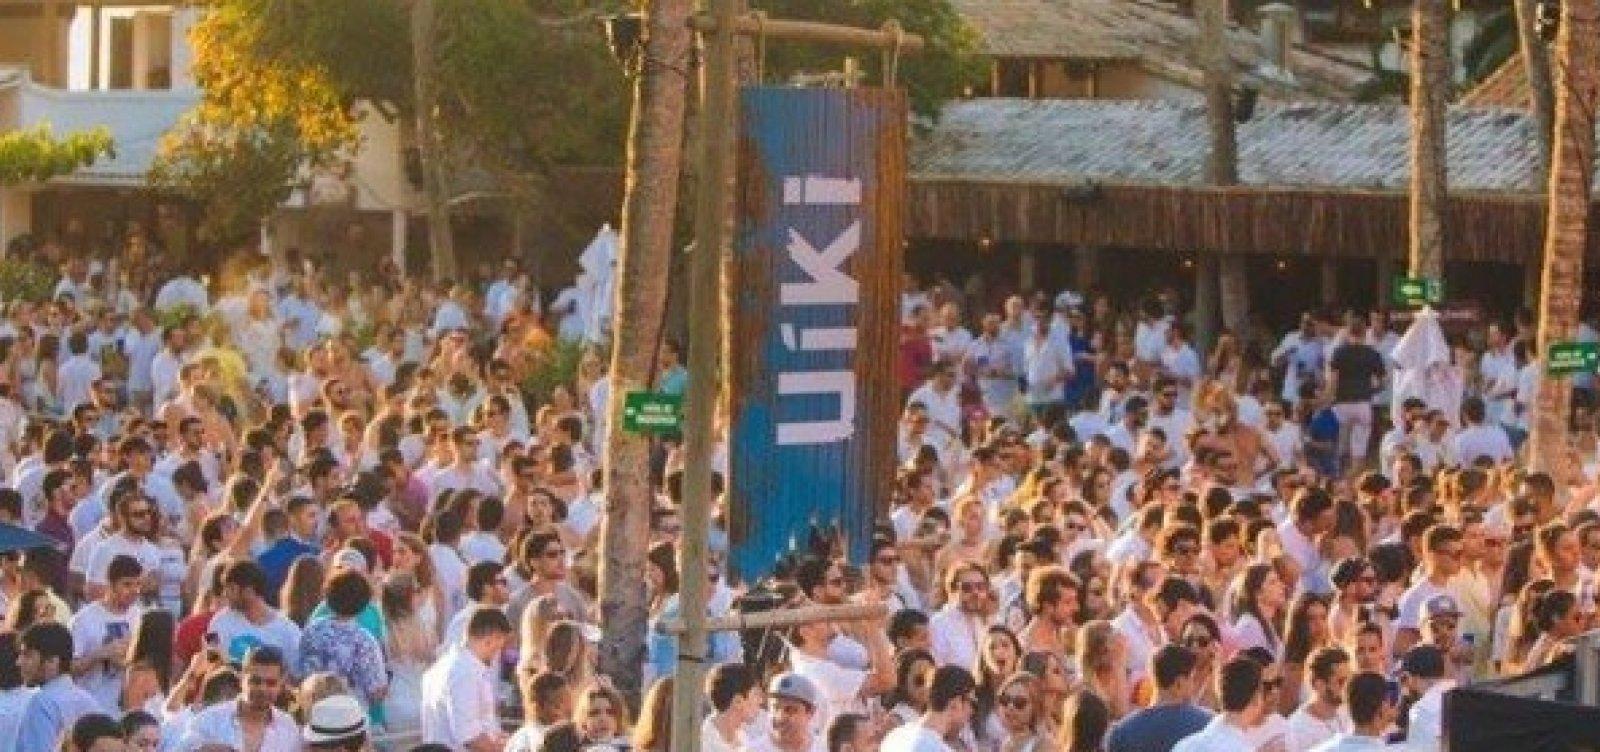 Após fala do governador, festas de réveillon anunciam cancelamento na Bahia